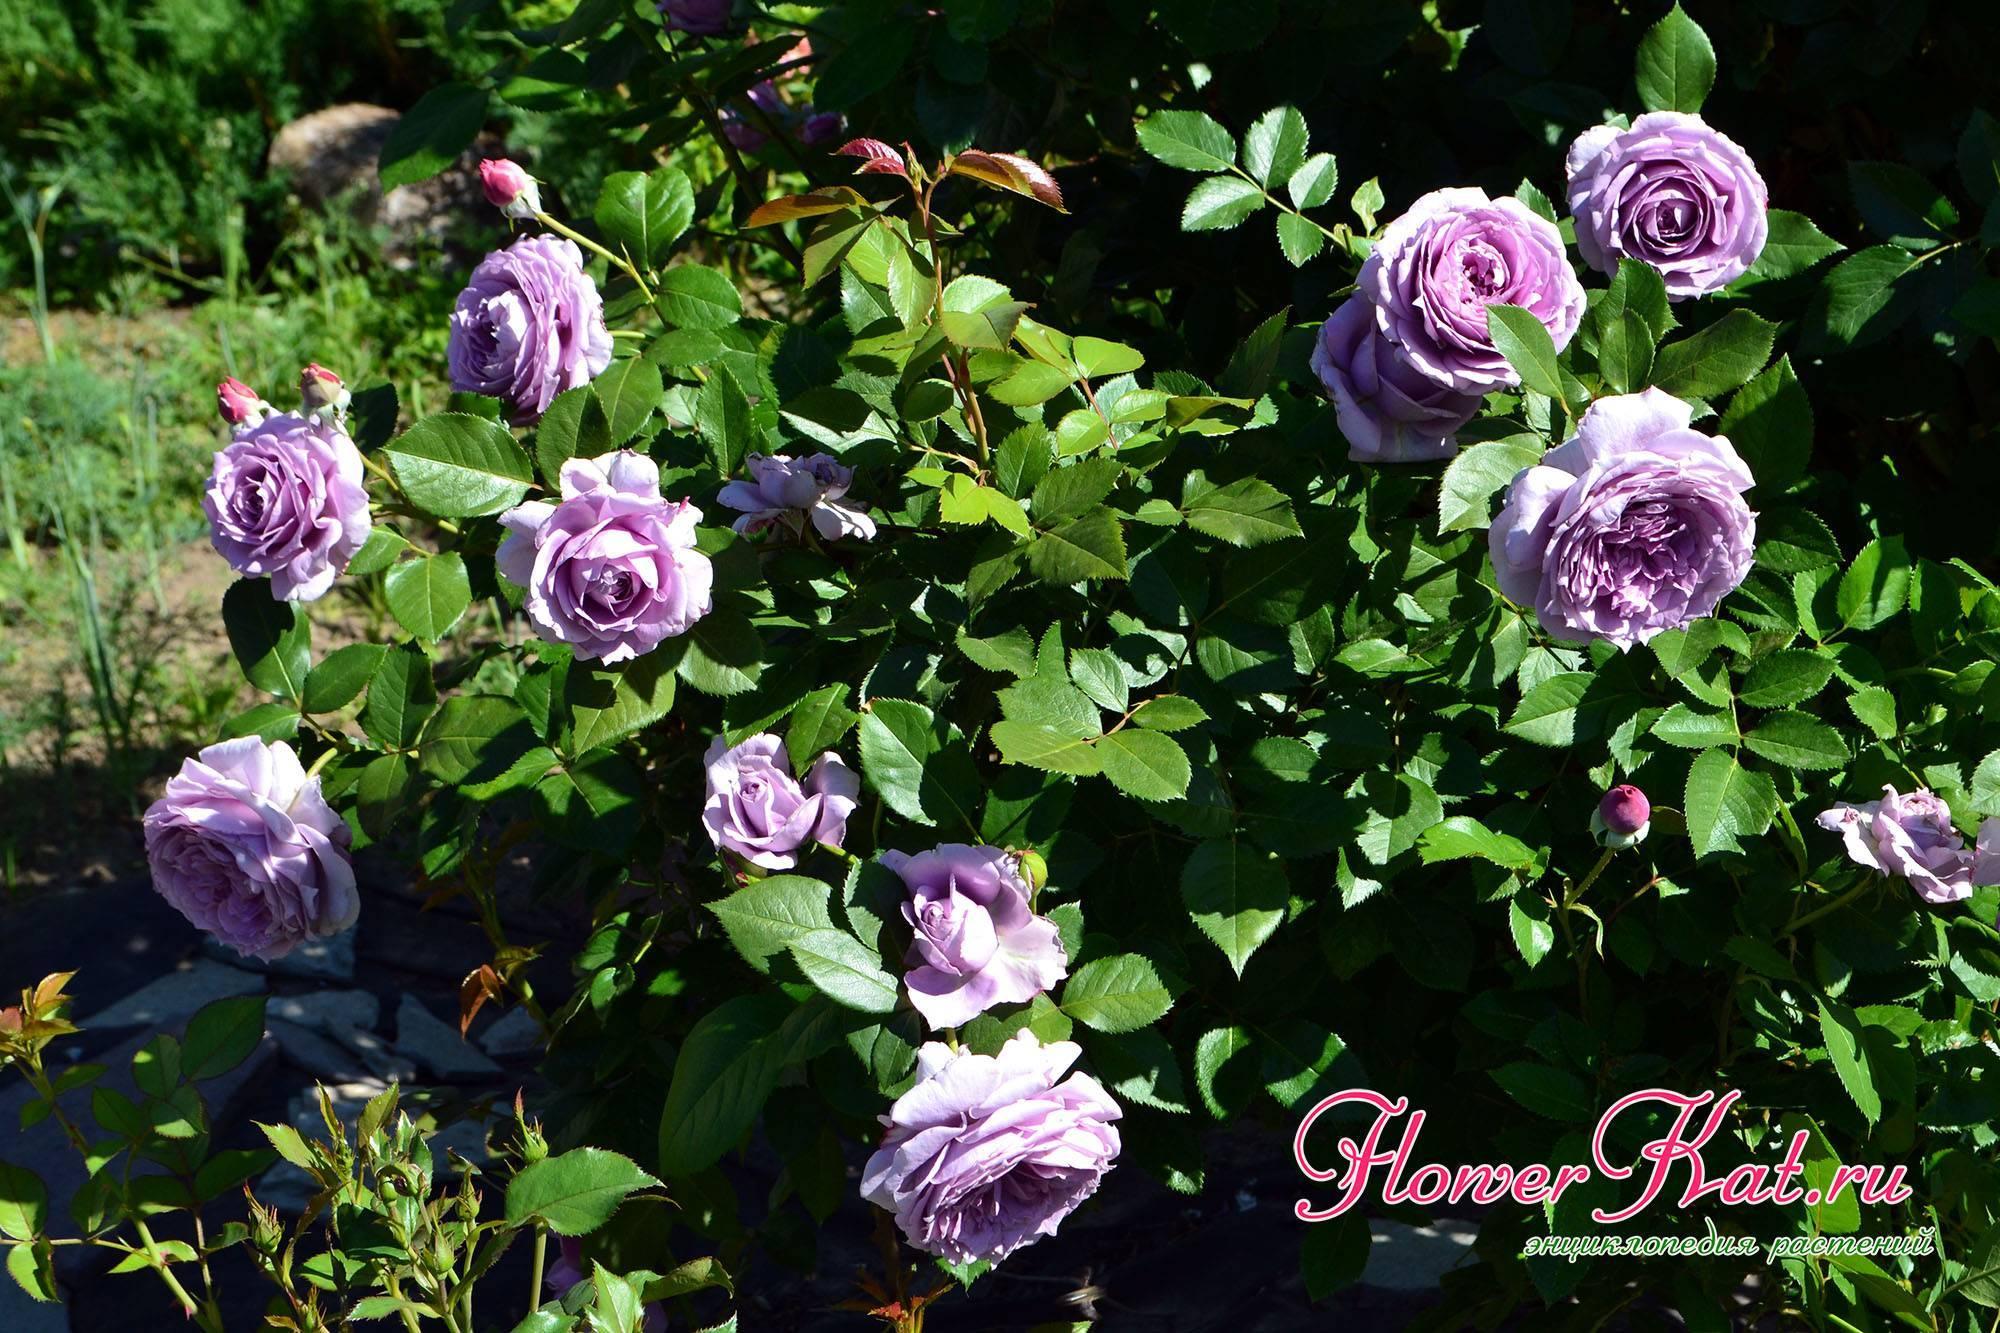 Описание парковой чайно-гибридной розы кордес бриллиант: что это за сорт, уход